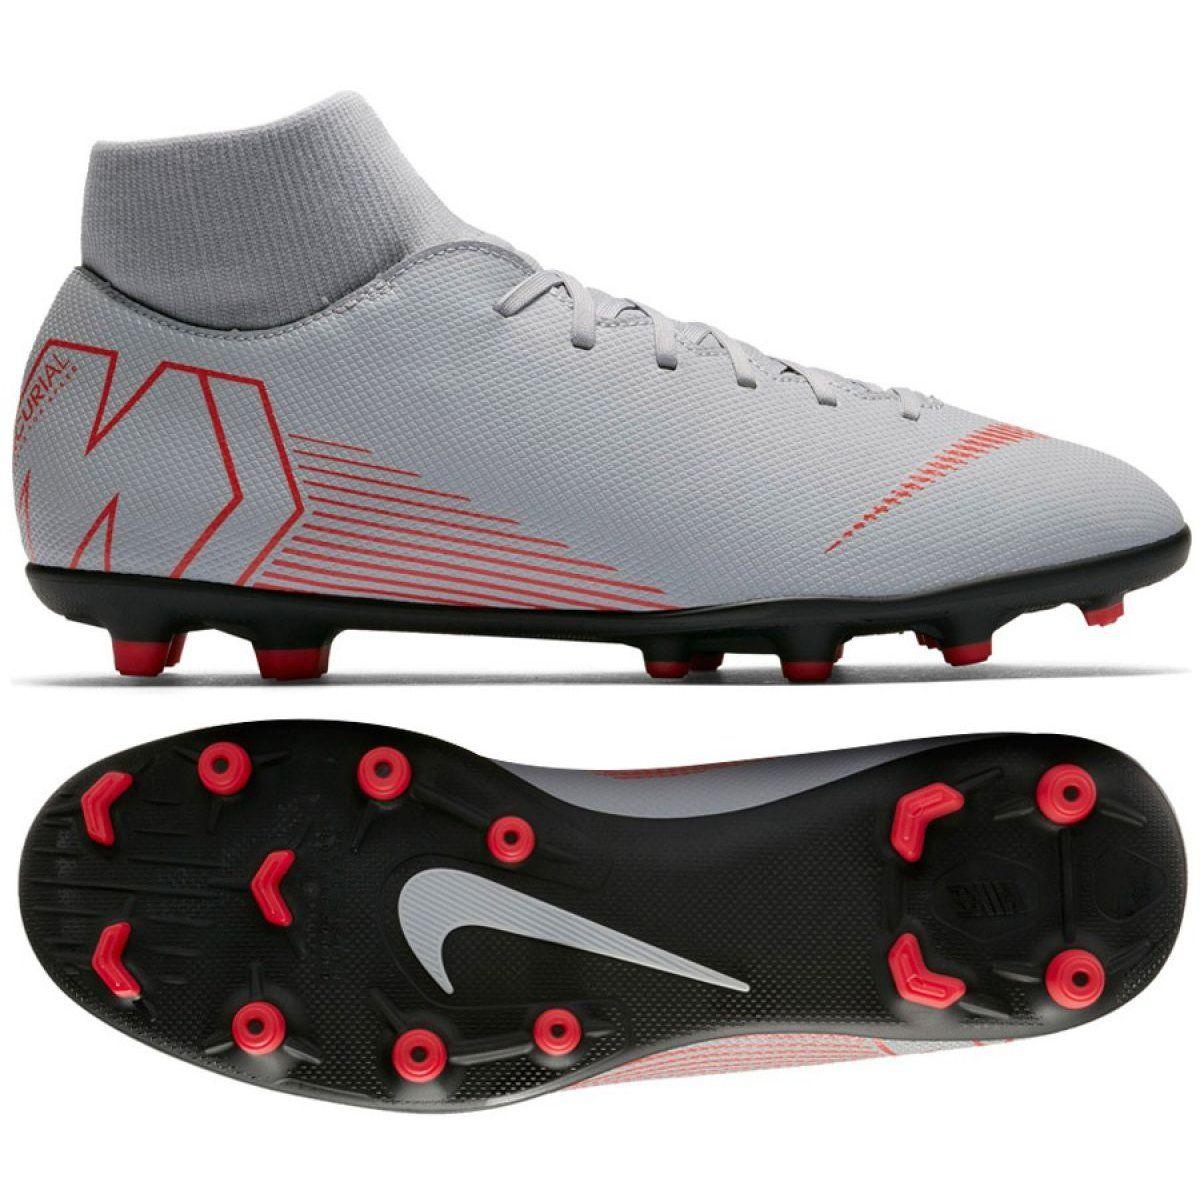 Buty Pilkarskie Nike Mercurial Superfly 6 Club Mg M Ah7363 060 Szare Wielokolorowe Mens Nike Shoes Football Shoes Nike Shoes